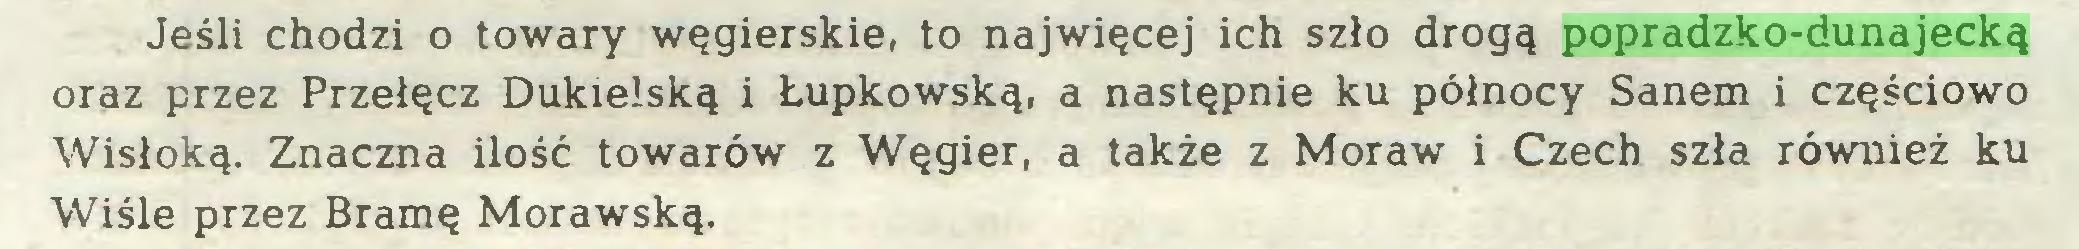 (...) Jeśli chodzi o towary węgierskie, to najwięcej ich szło drogą popradzko-dunajecką oraz przez Przełęcz Dukielską i Łupkowską, a następnie ku północy Sanem i częściowo Wisłoką. Znaczna ilość towarów z Węgier, a także z Moraw i Czech szła również ku Wiśle przez Bramę Morawską...